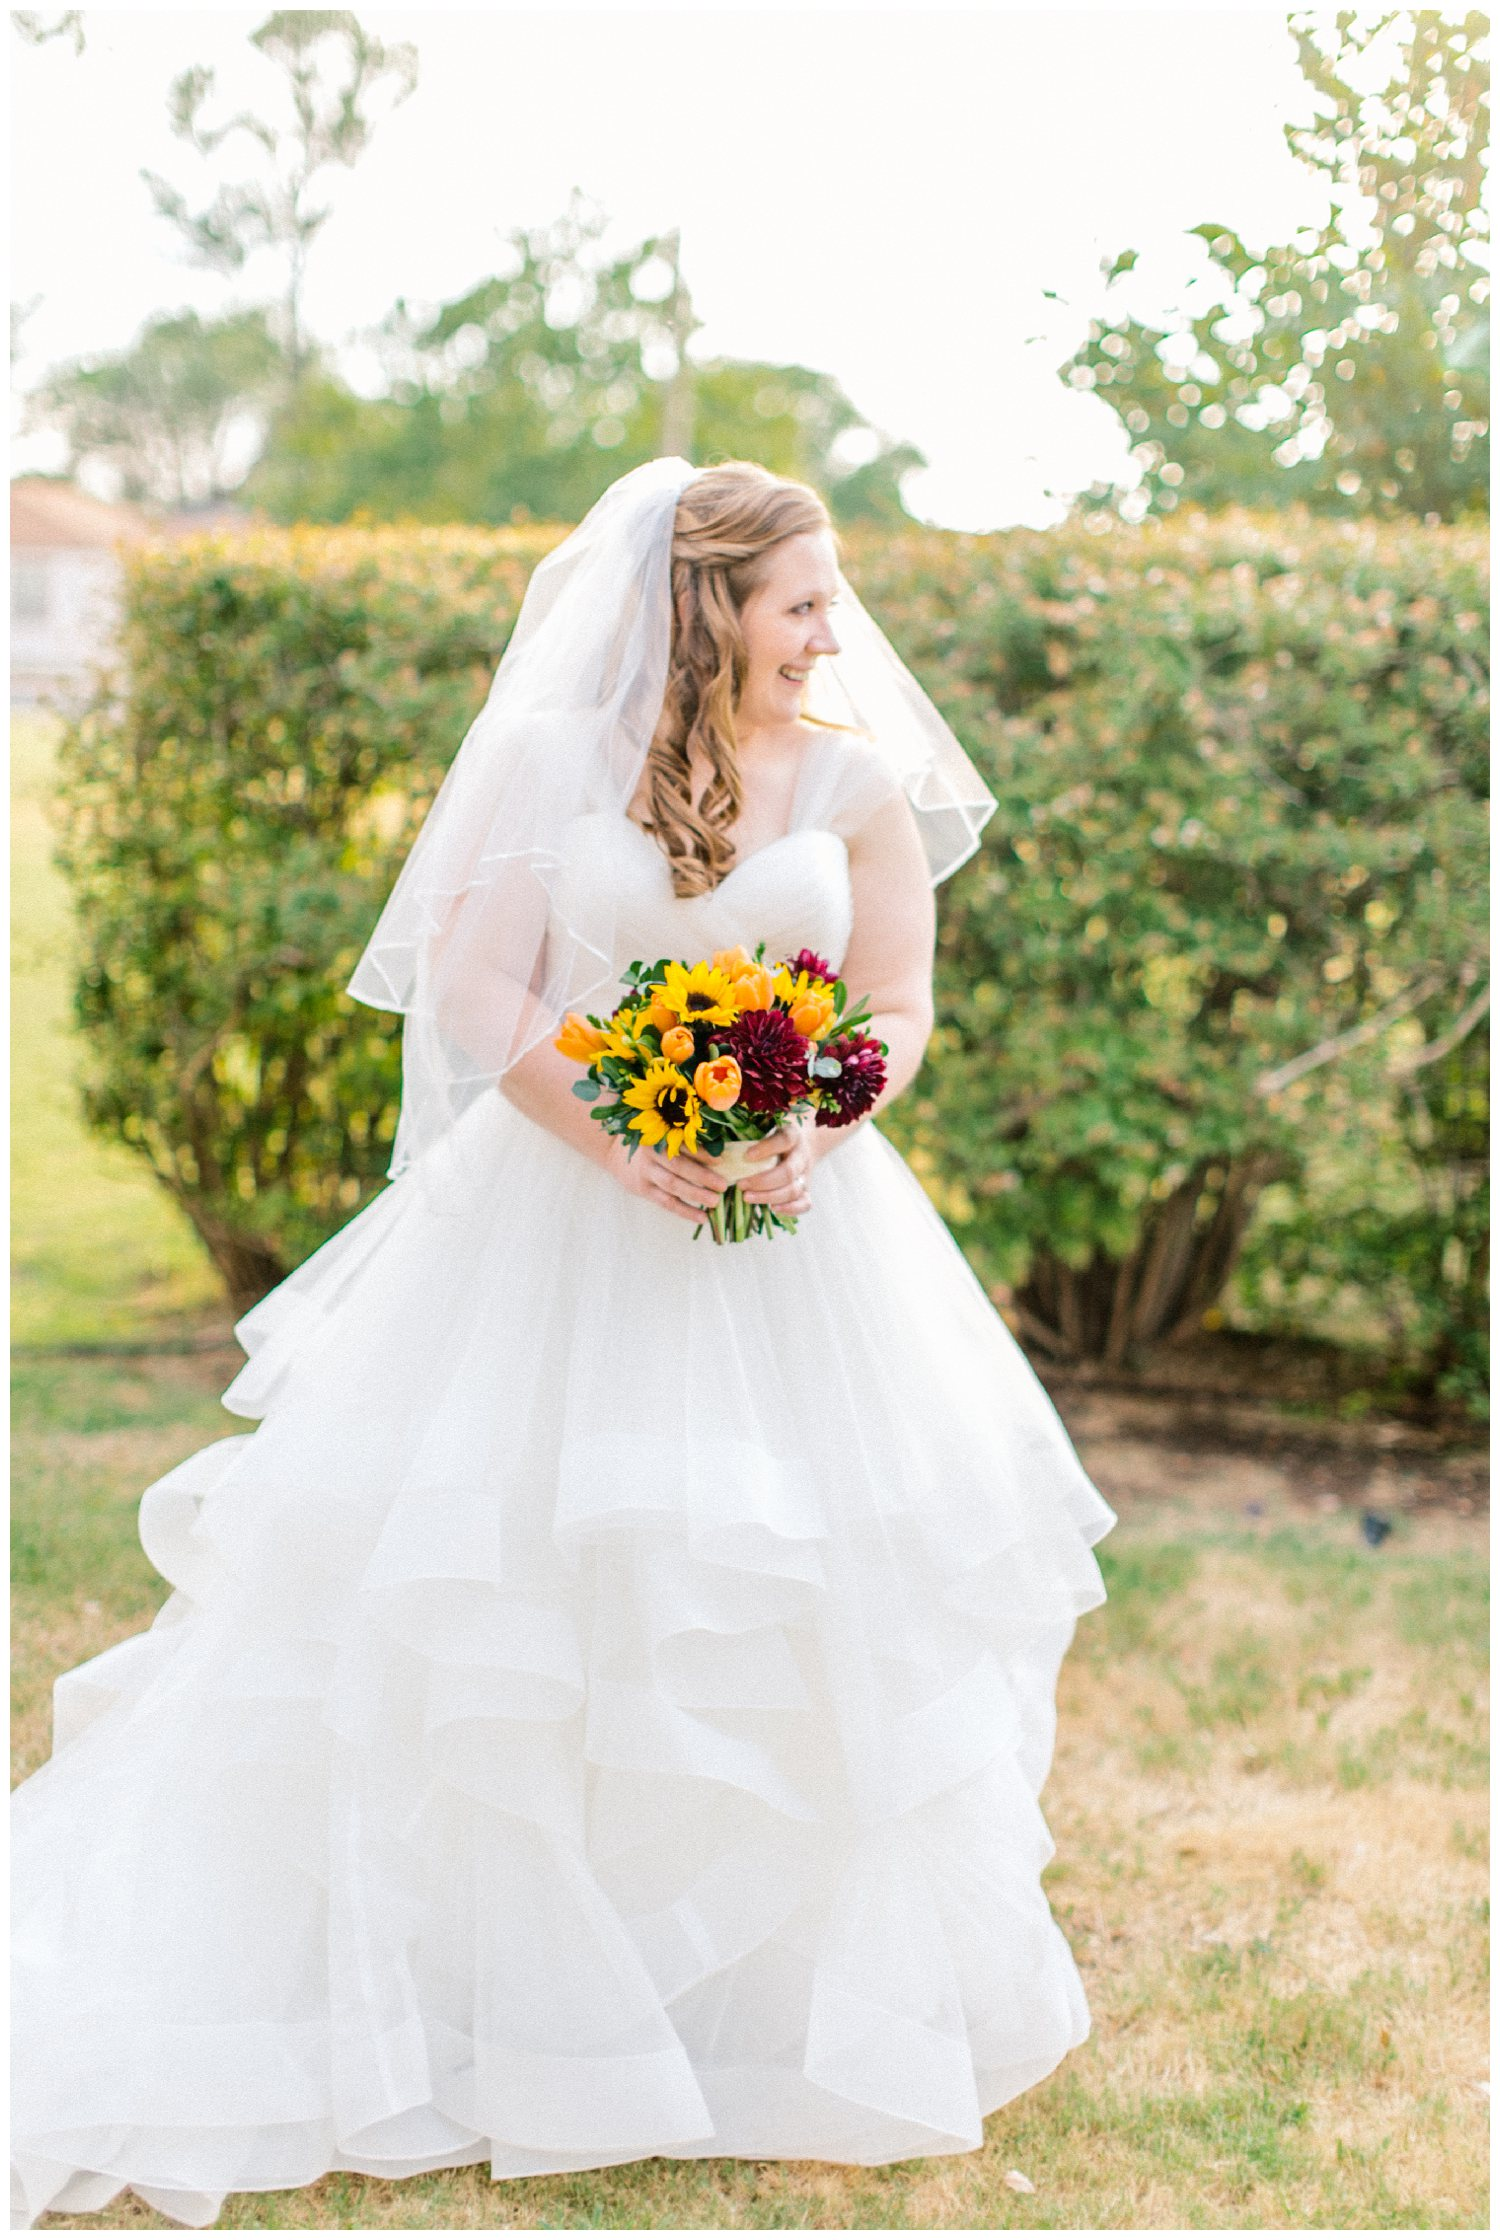 Kamie_Lubbock arboretum bridal portraits_05.jpg